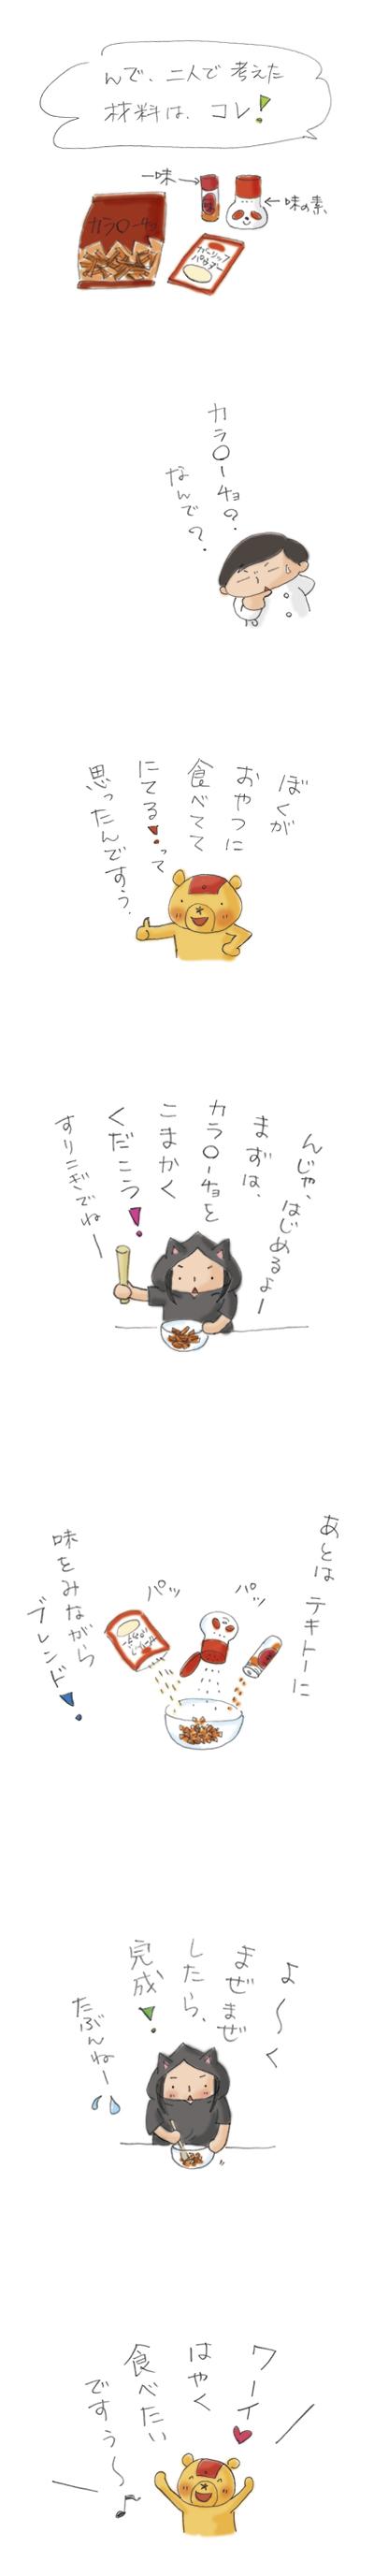 実験ですぅ〜!3